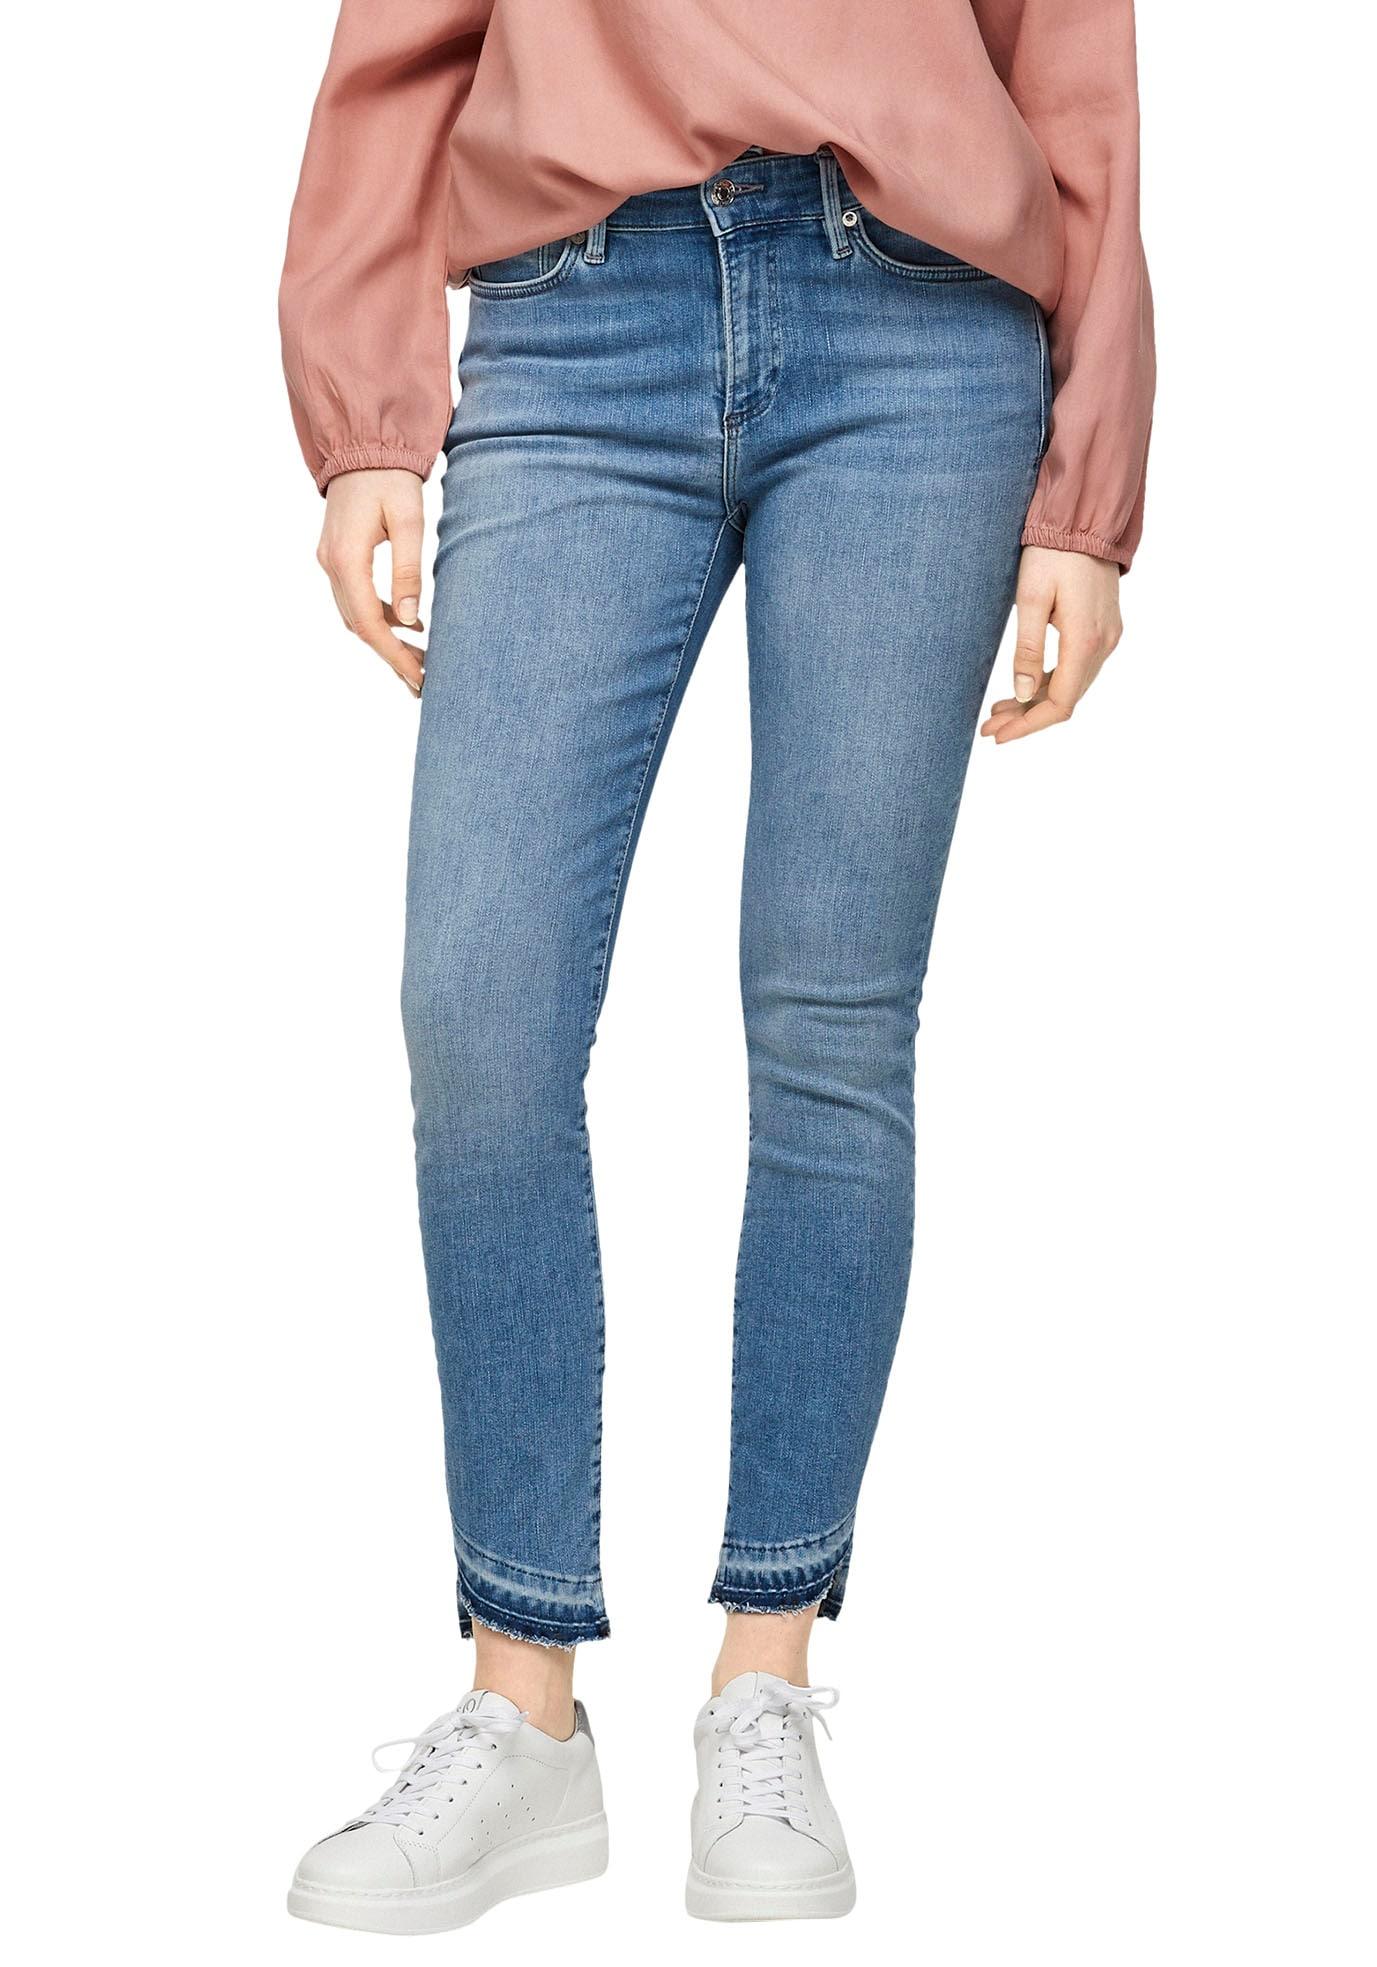 s.oliver -  7/8-Jeans, im Skinny Schnitt mit toller Waschung